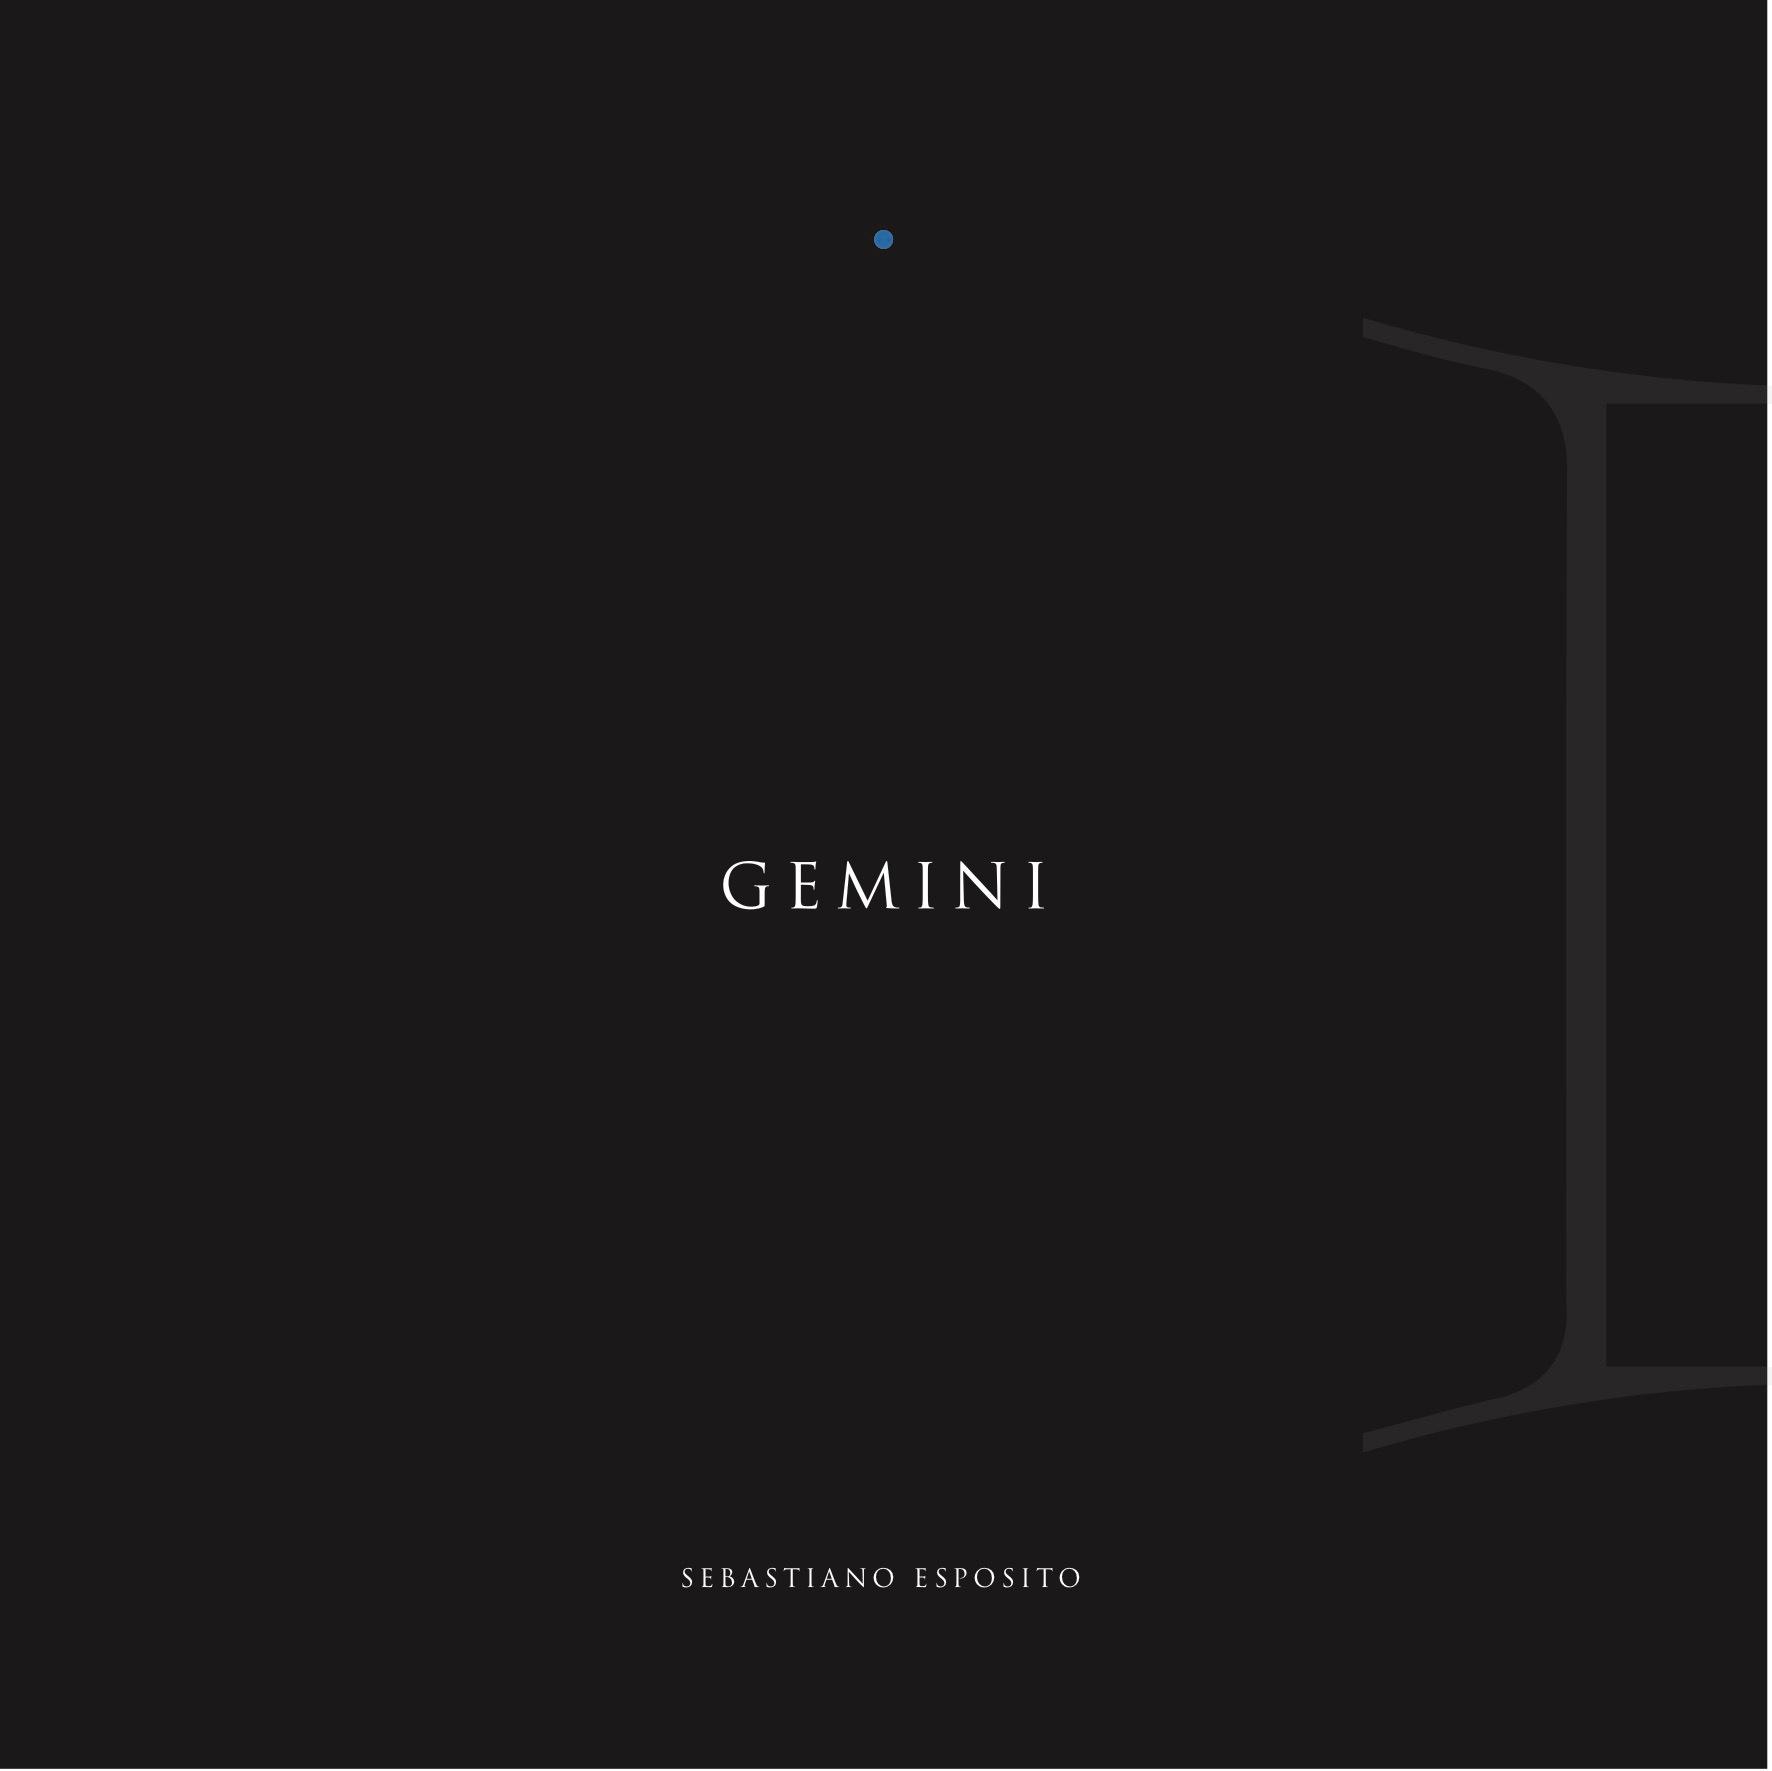 Sebastiano Esposito <br/> XXVI Gemini <br/> Blue Mama, 2019